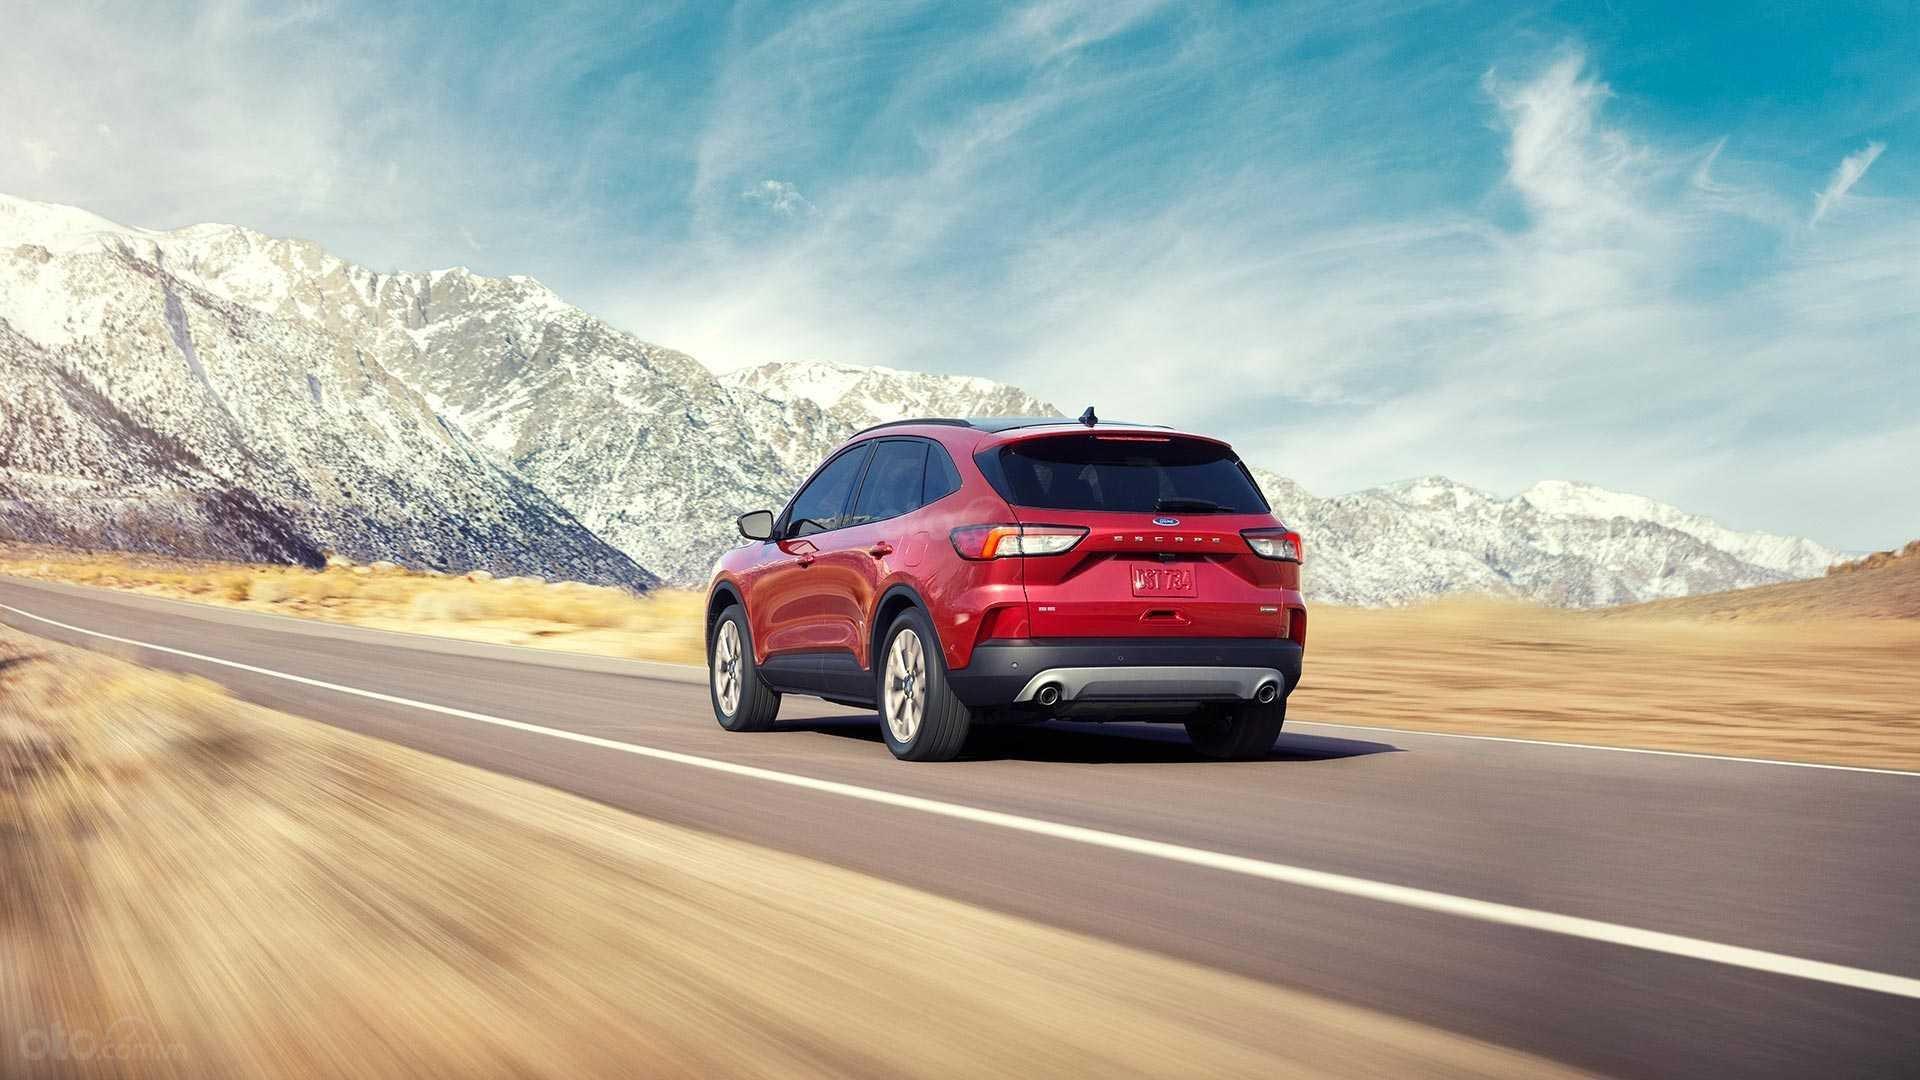 Đánh giá xe Ford Escape 2020 về thiết kế động cơ.